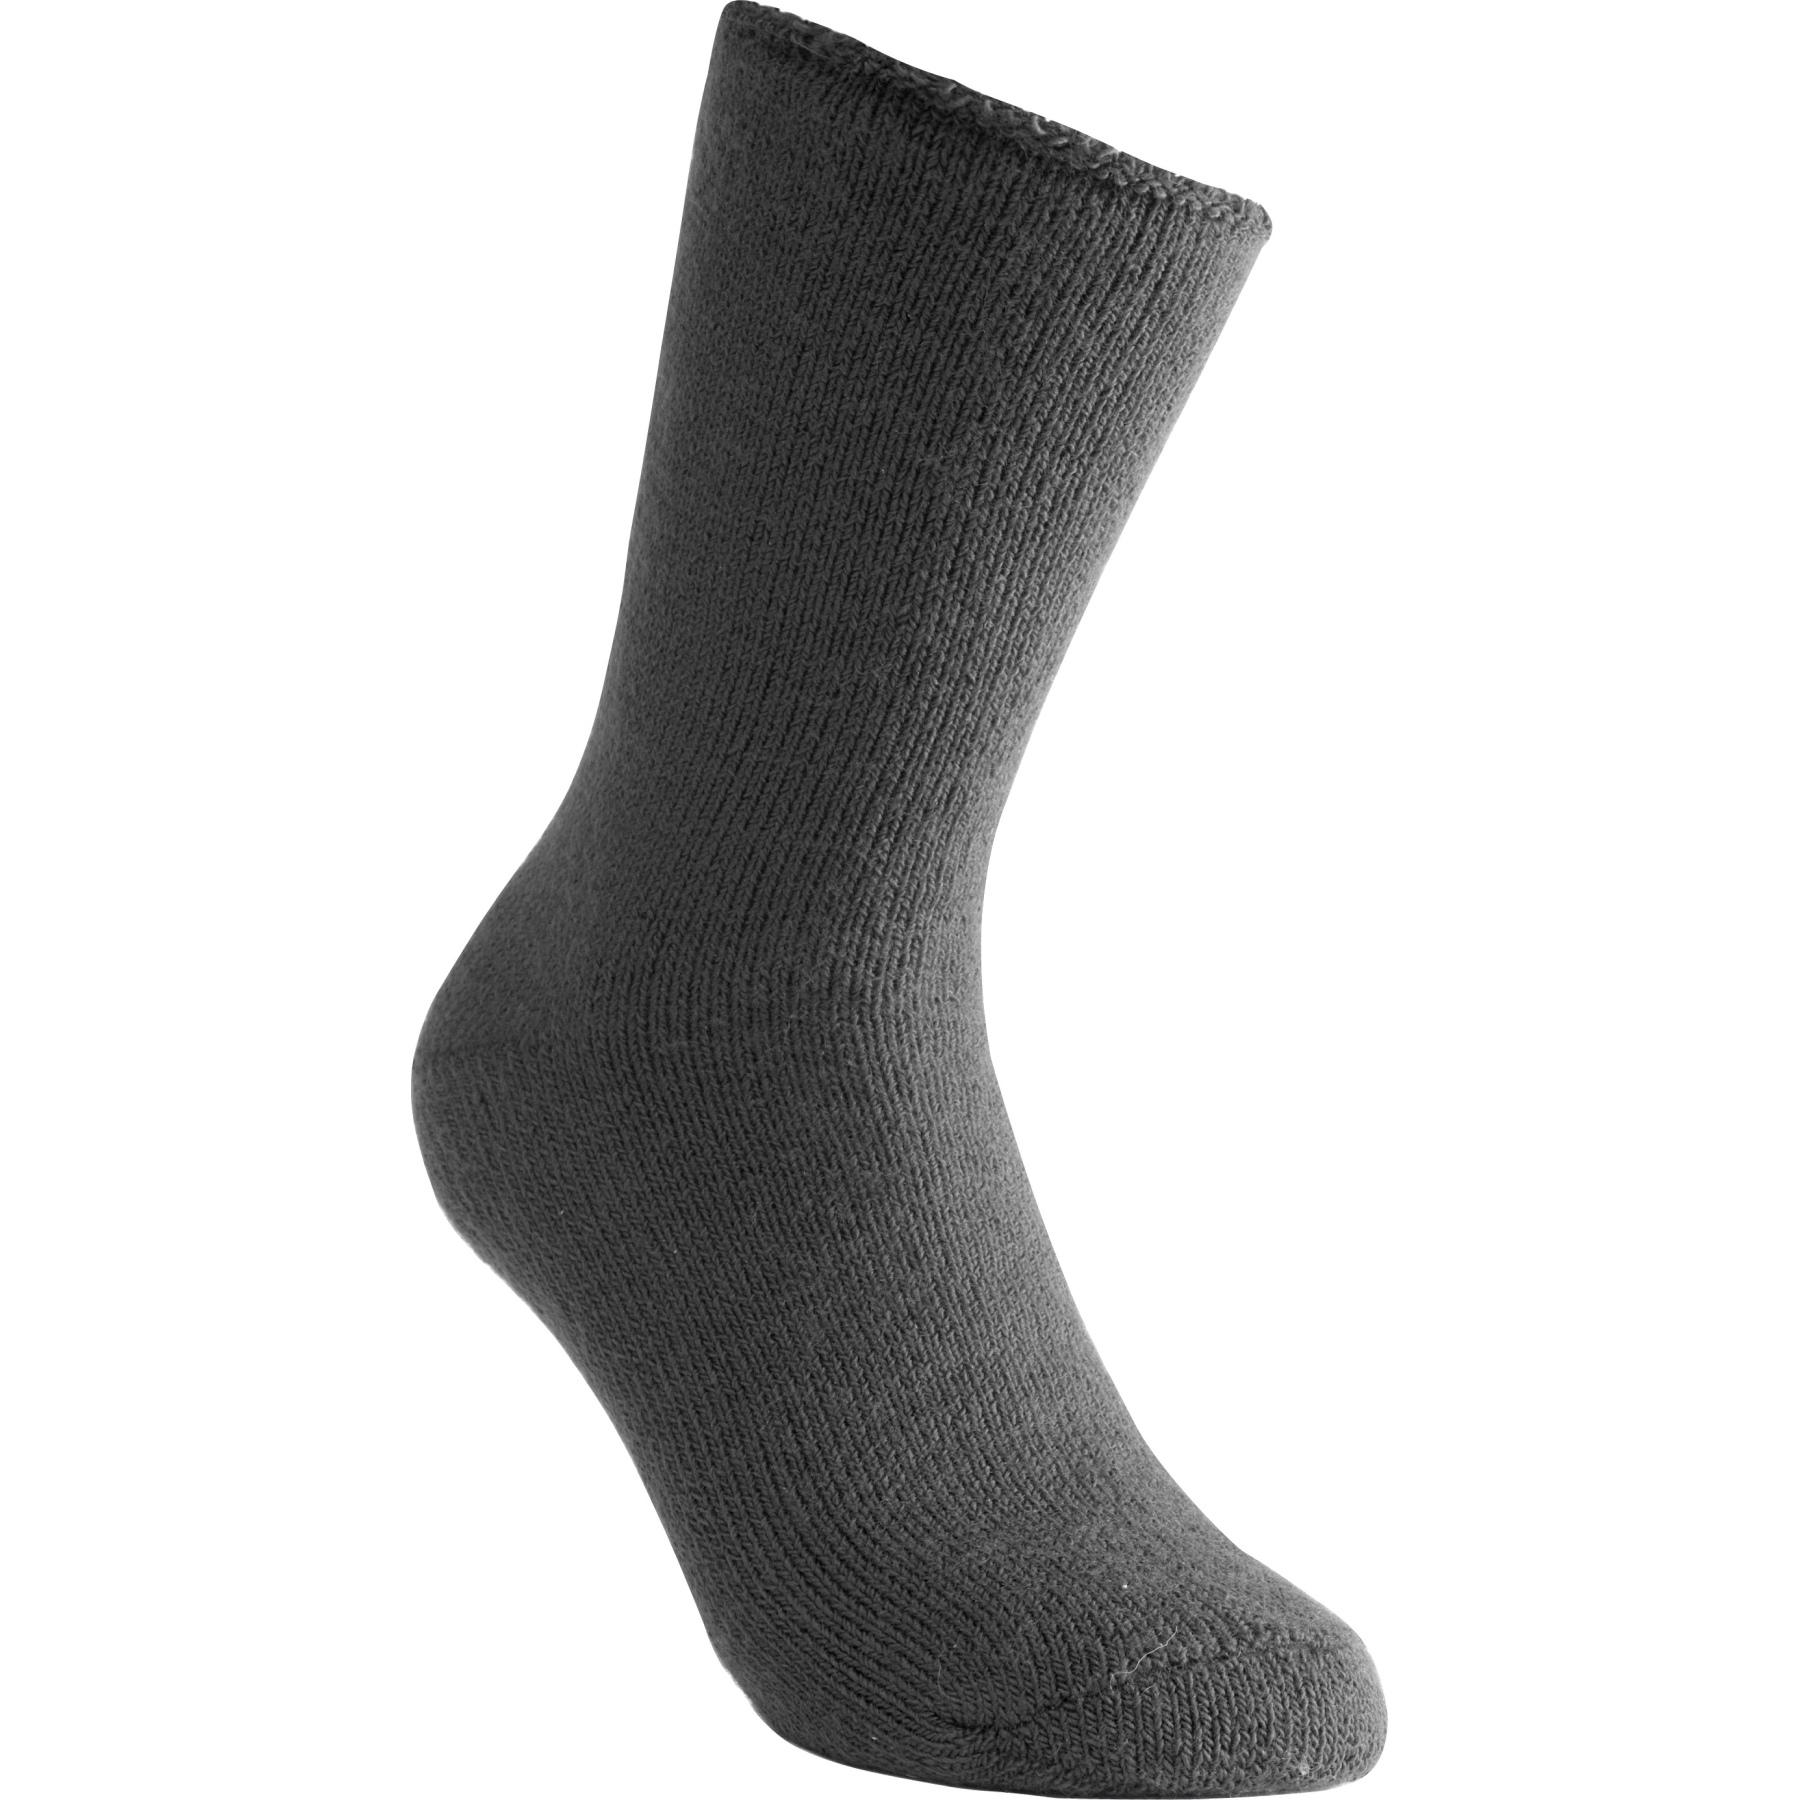 Woolpower Classic 600 Socken - grau